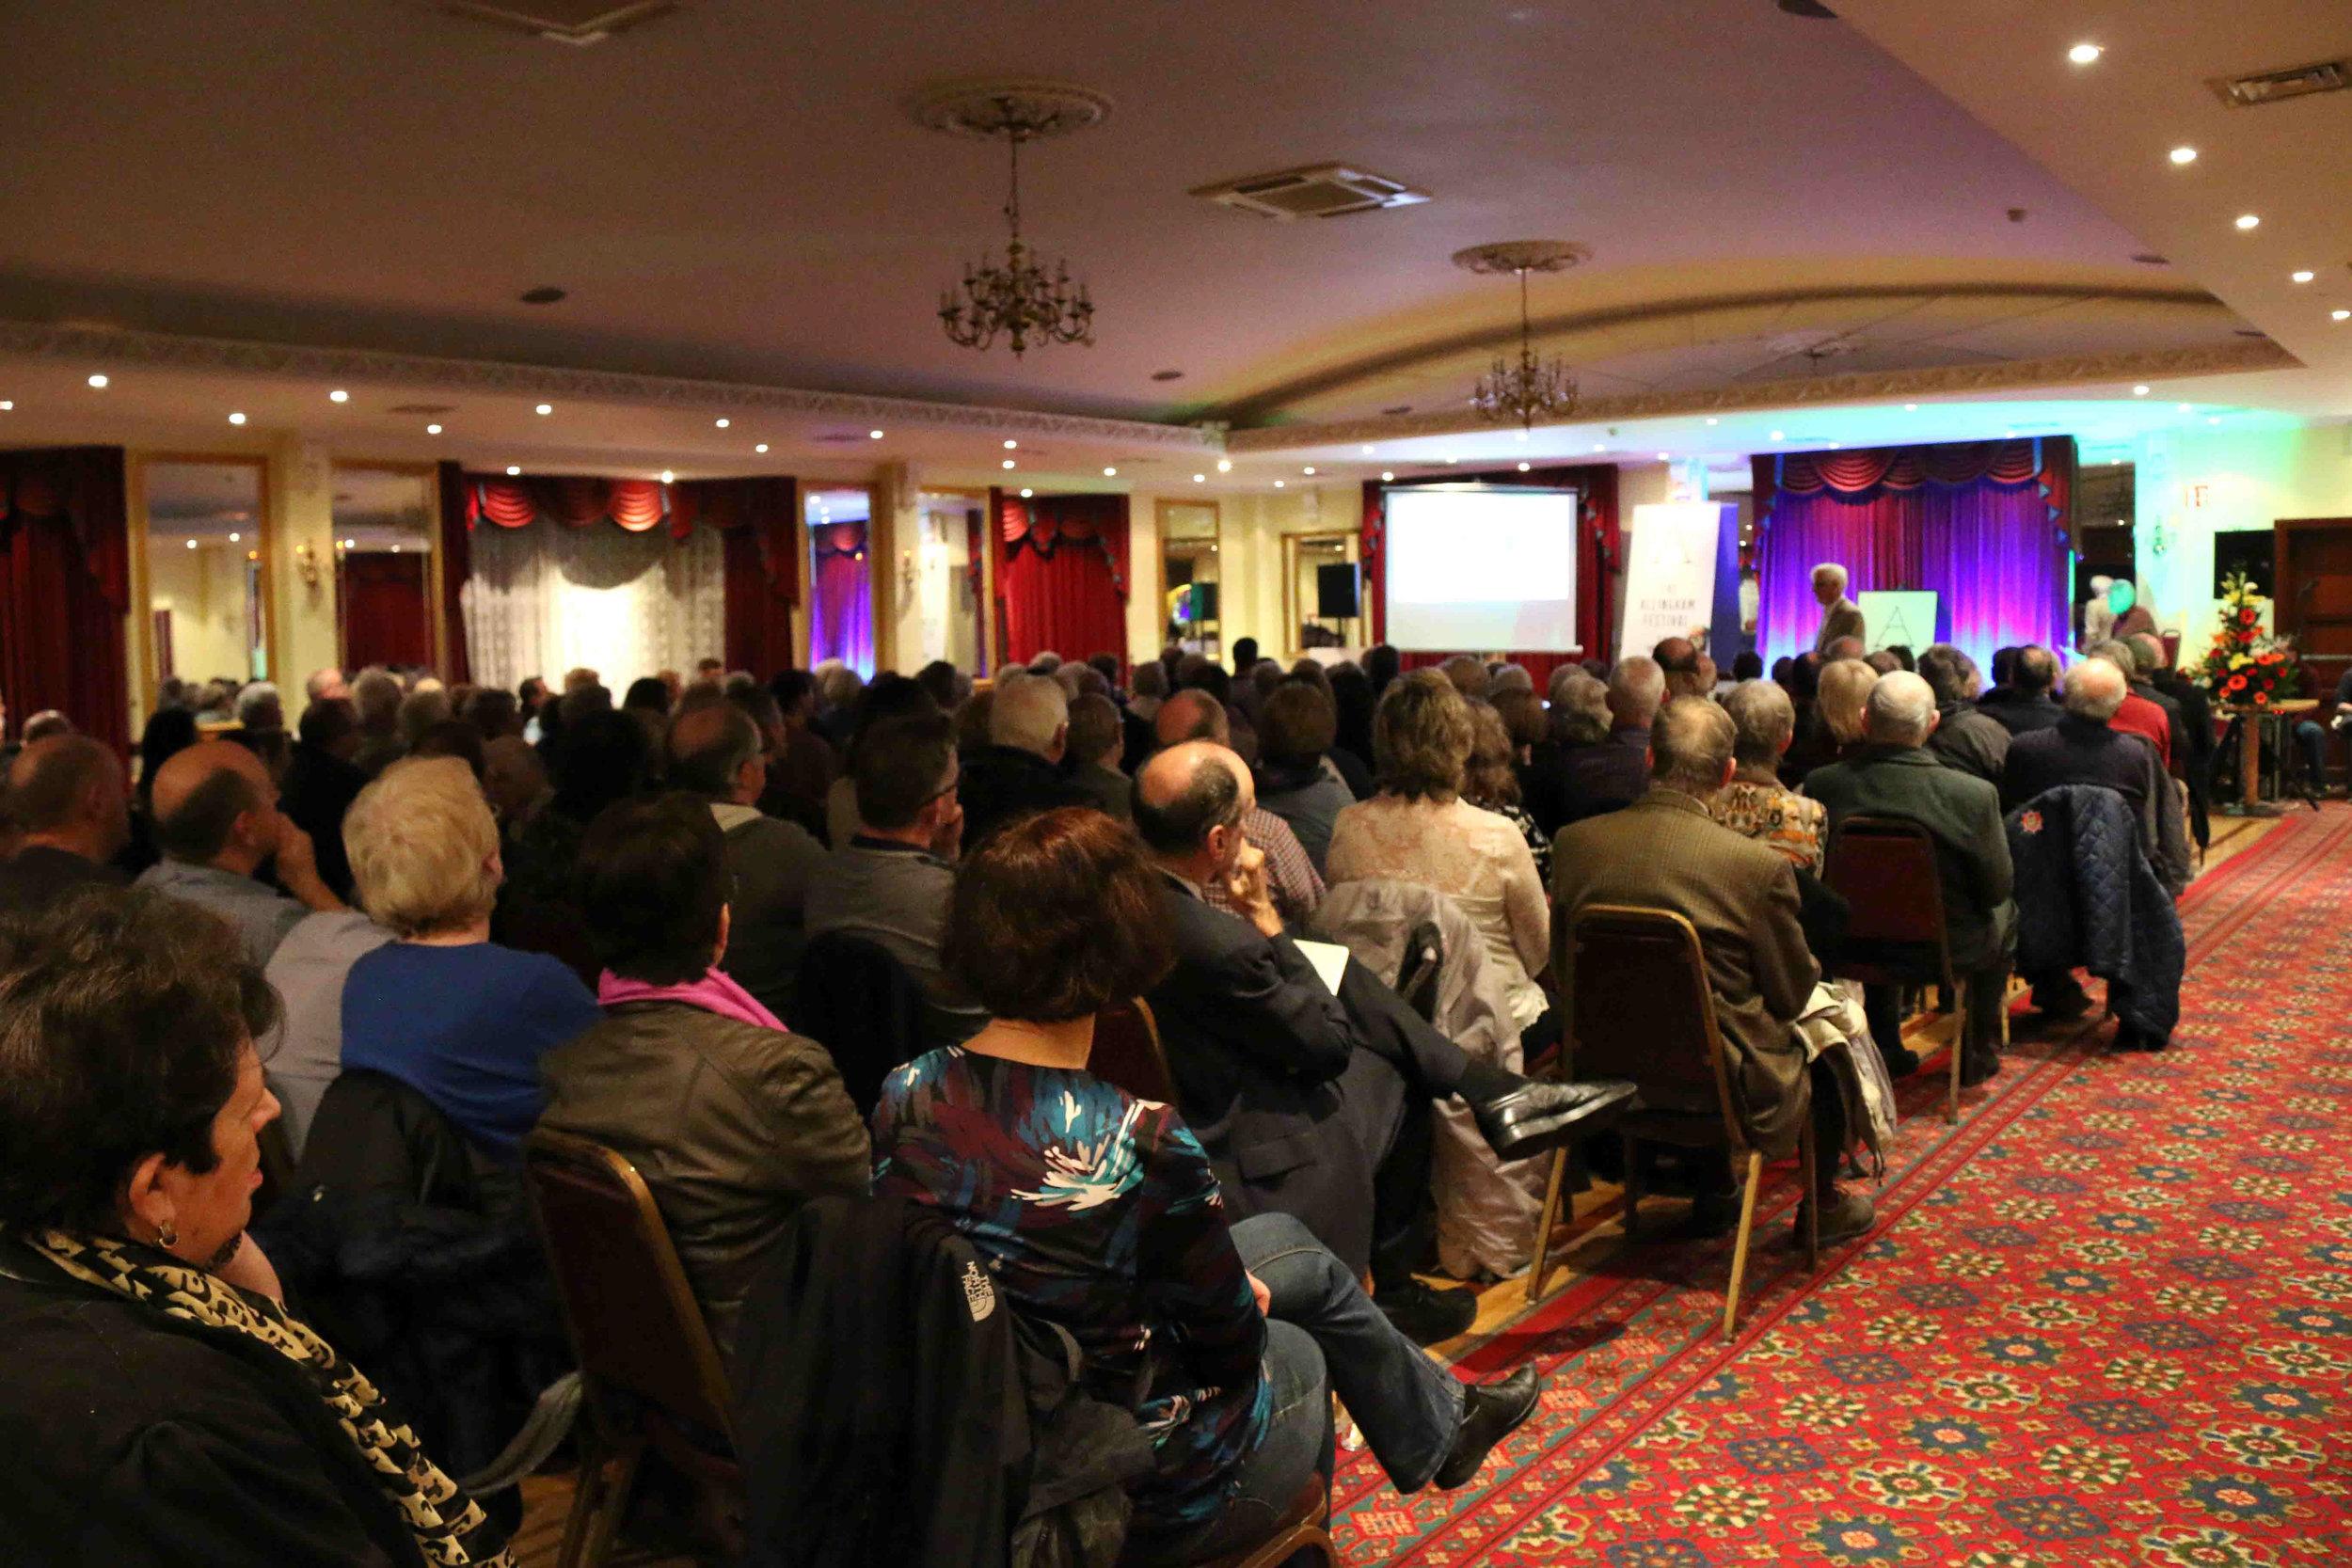 Comóradh Éamonn Ceannt - Allingham Festival 2016 - Friday Nov. 4th - Dorrian's Hotel-5.jpg